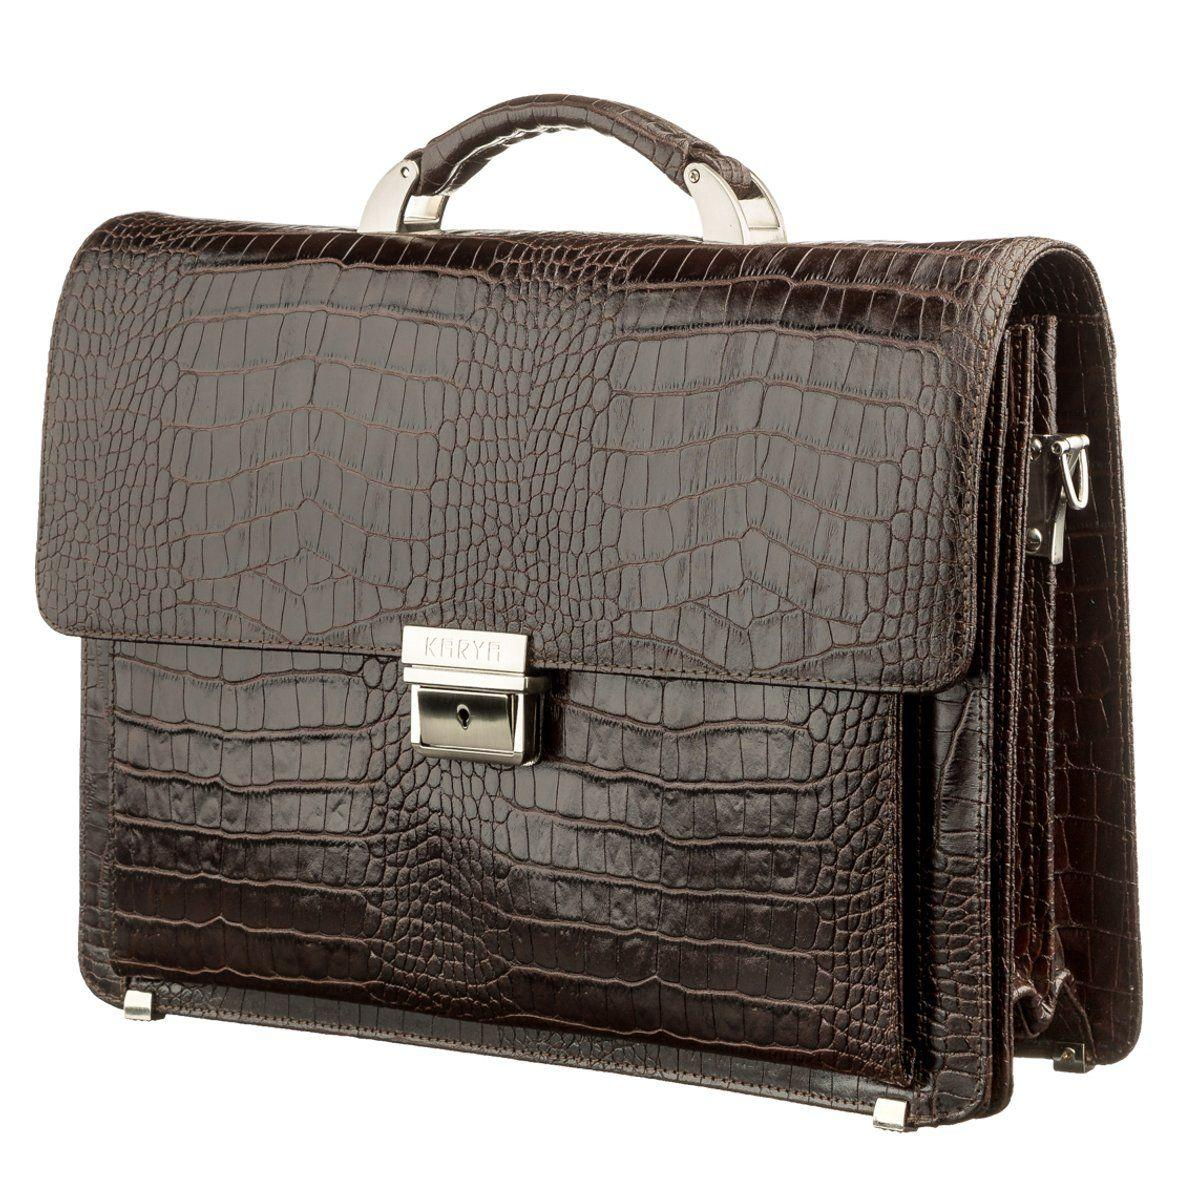 Портфель мужской KARYA 17270 кожаный Коричневый с тиснением под крокодила